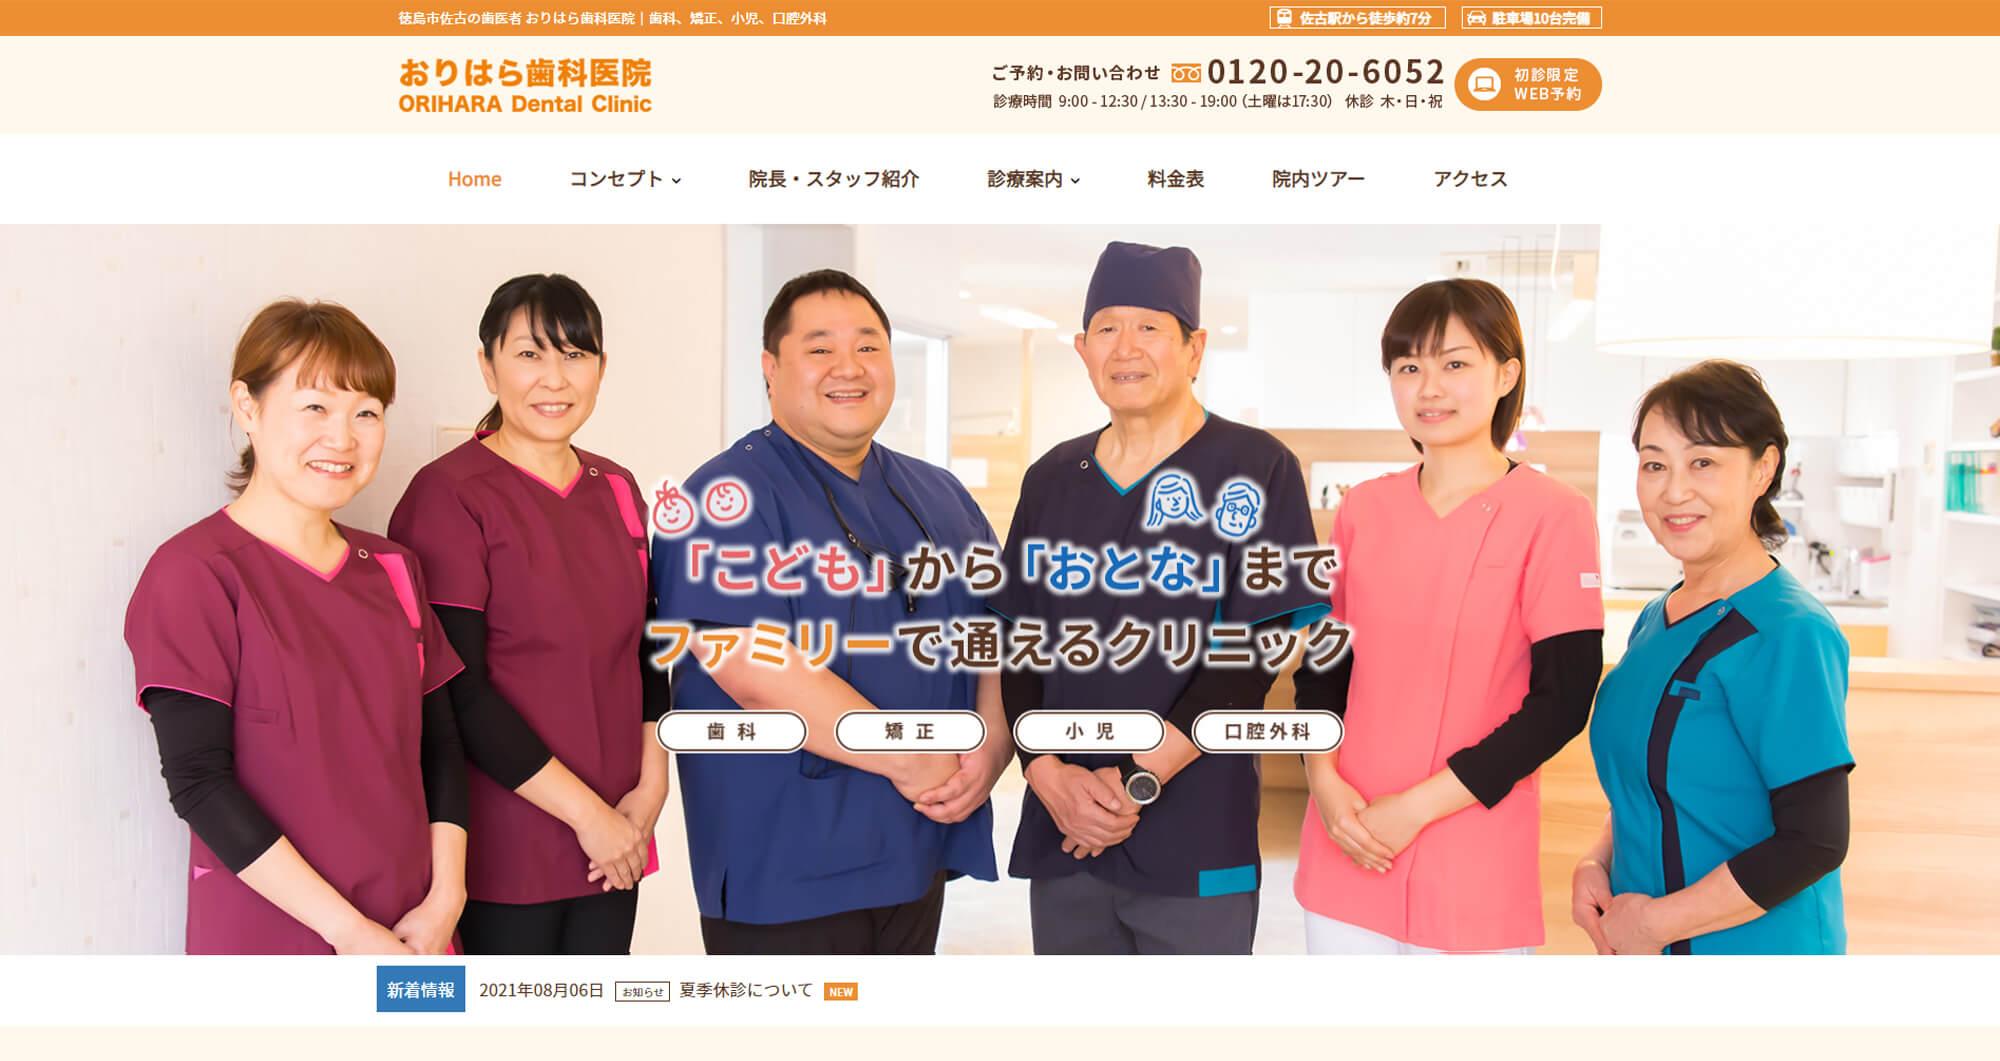 おりはら歯科医院様PCトップページ